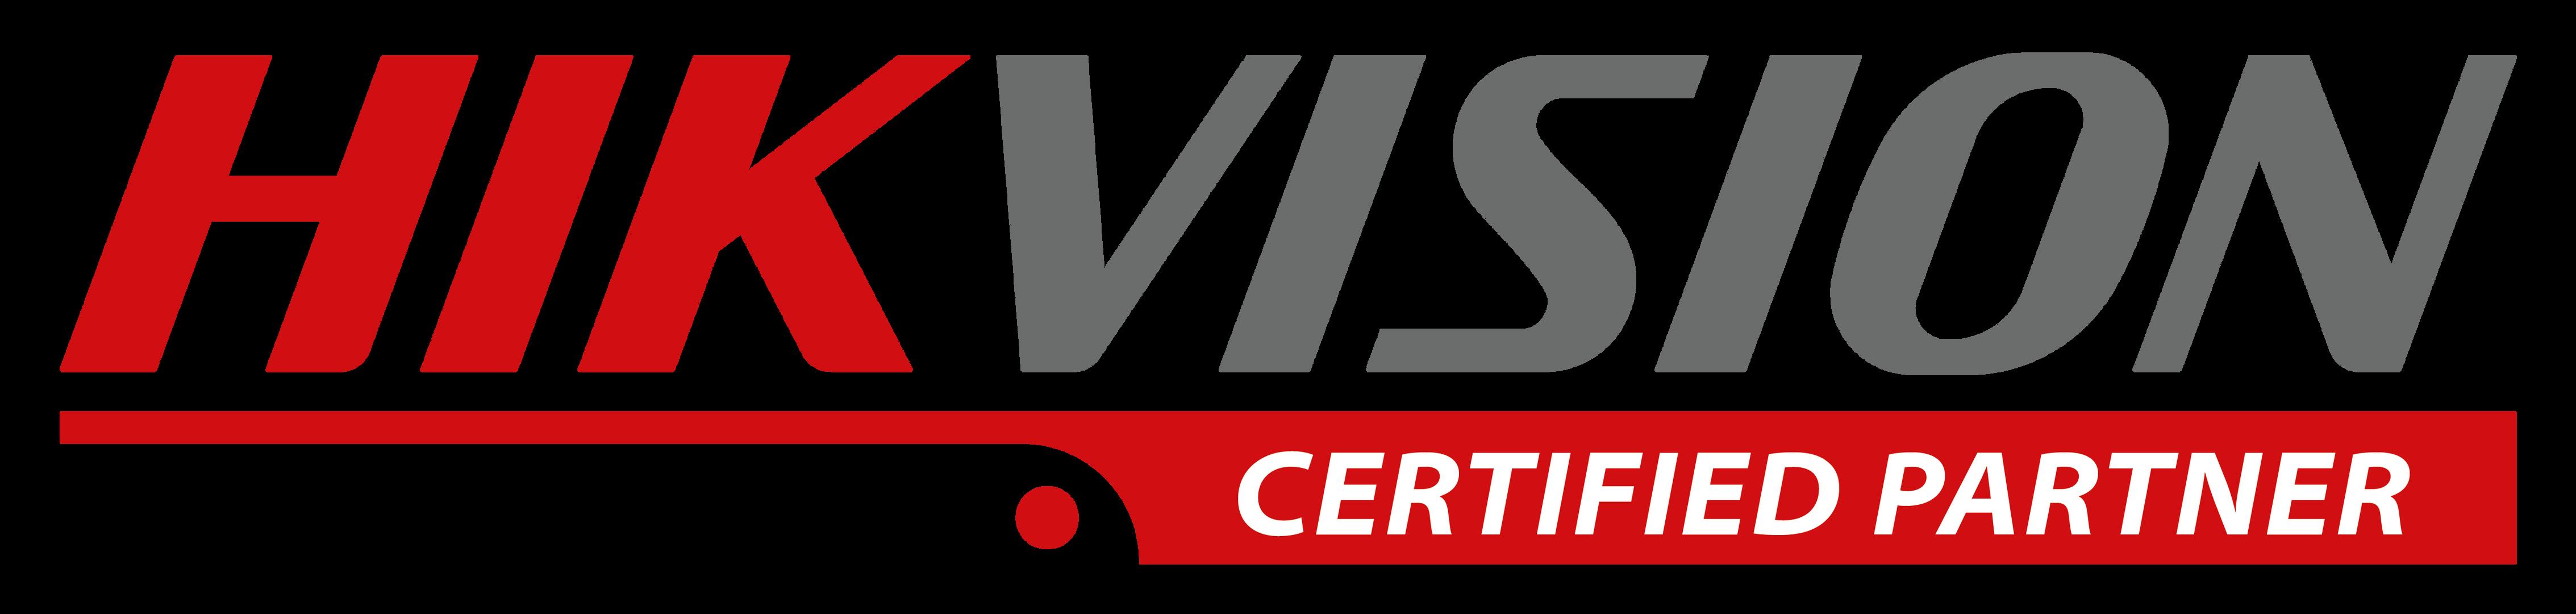 hikvision certified partner